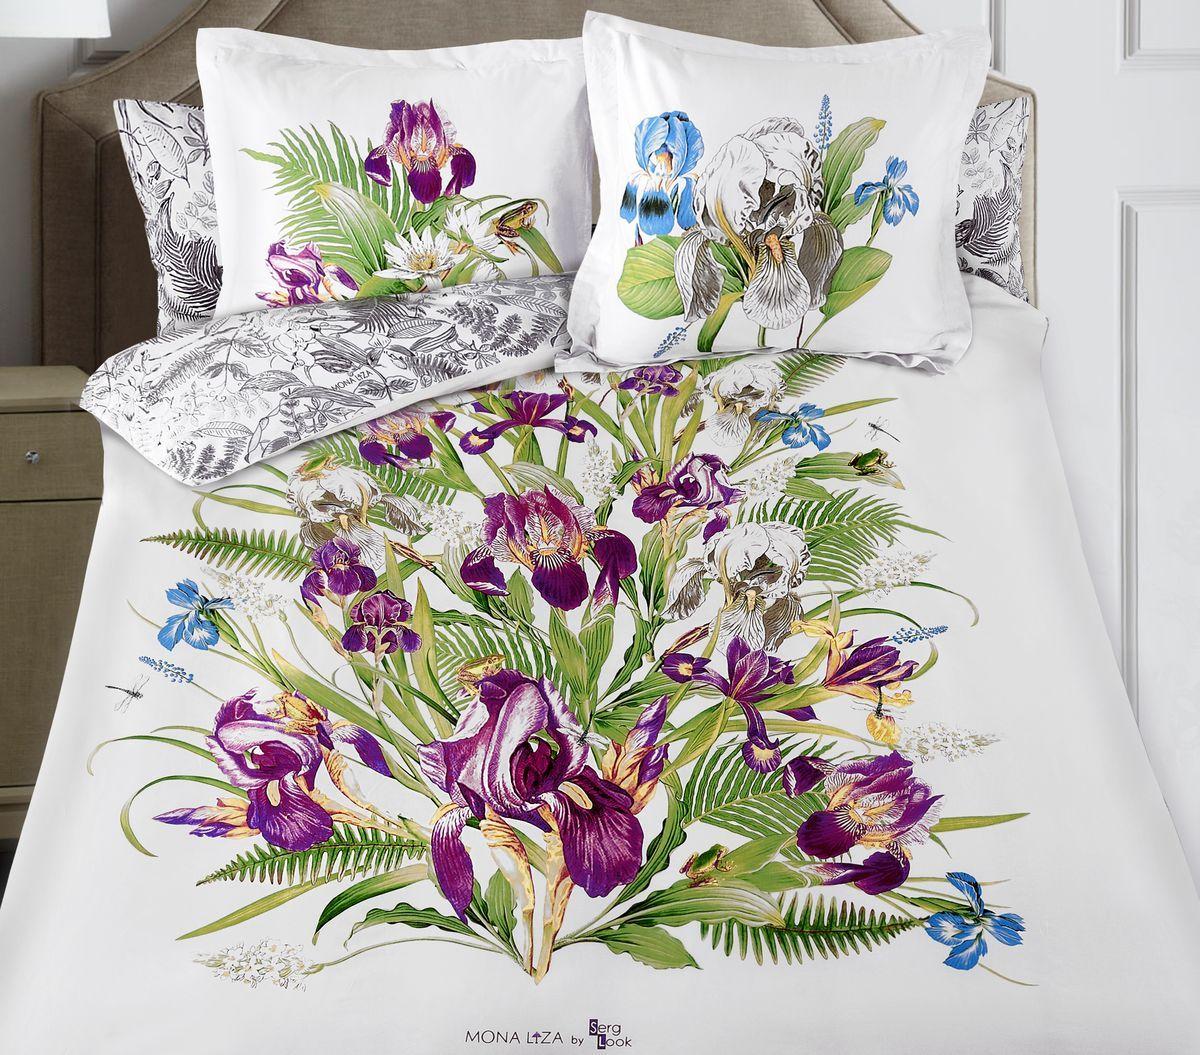 Комплект белья Mona Liza Iris, 2-спальное, наволочки 50x70 и 70x70, цвет: белый. 8/78/7Флоральные мотивы редких экзотических цветов, переведенные в паттерн, позаимствованы из путешествий по тропическим лесам, будоражат воображение природными сочетаниями цветовых палитр и роскошью принтов. Коллекция принесет в ваш дом незабываемое настроение и добавит колорит. Высококачественный сатин окутает и позволит раствориться в мечтах о дальних жарких странах и окунуться во время вечного лета!